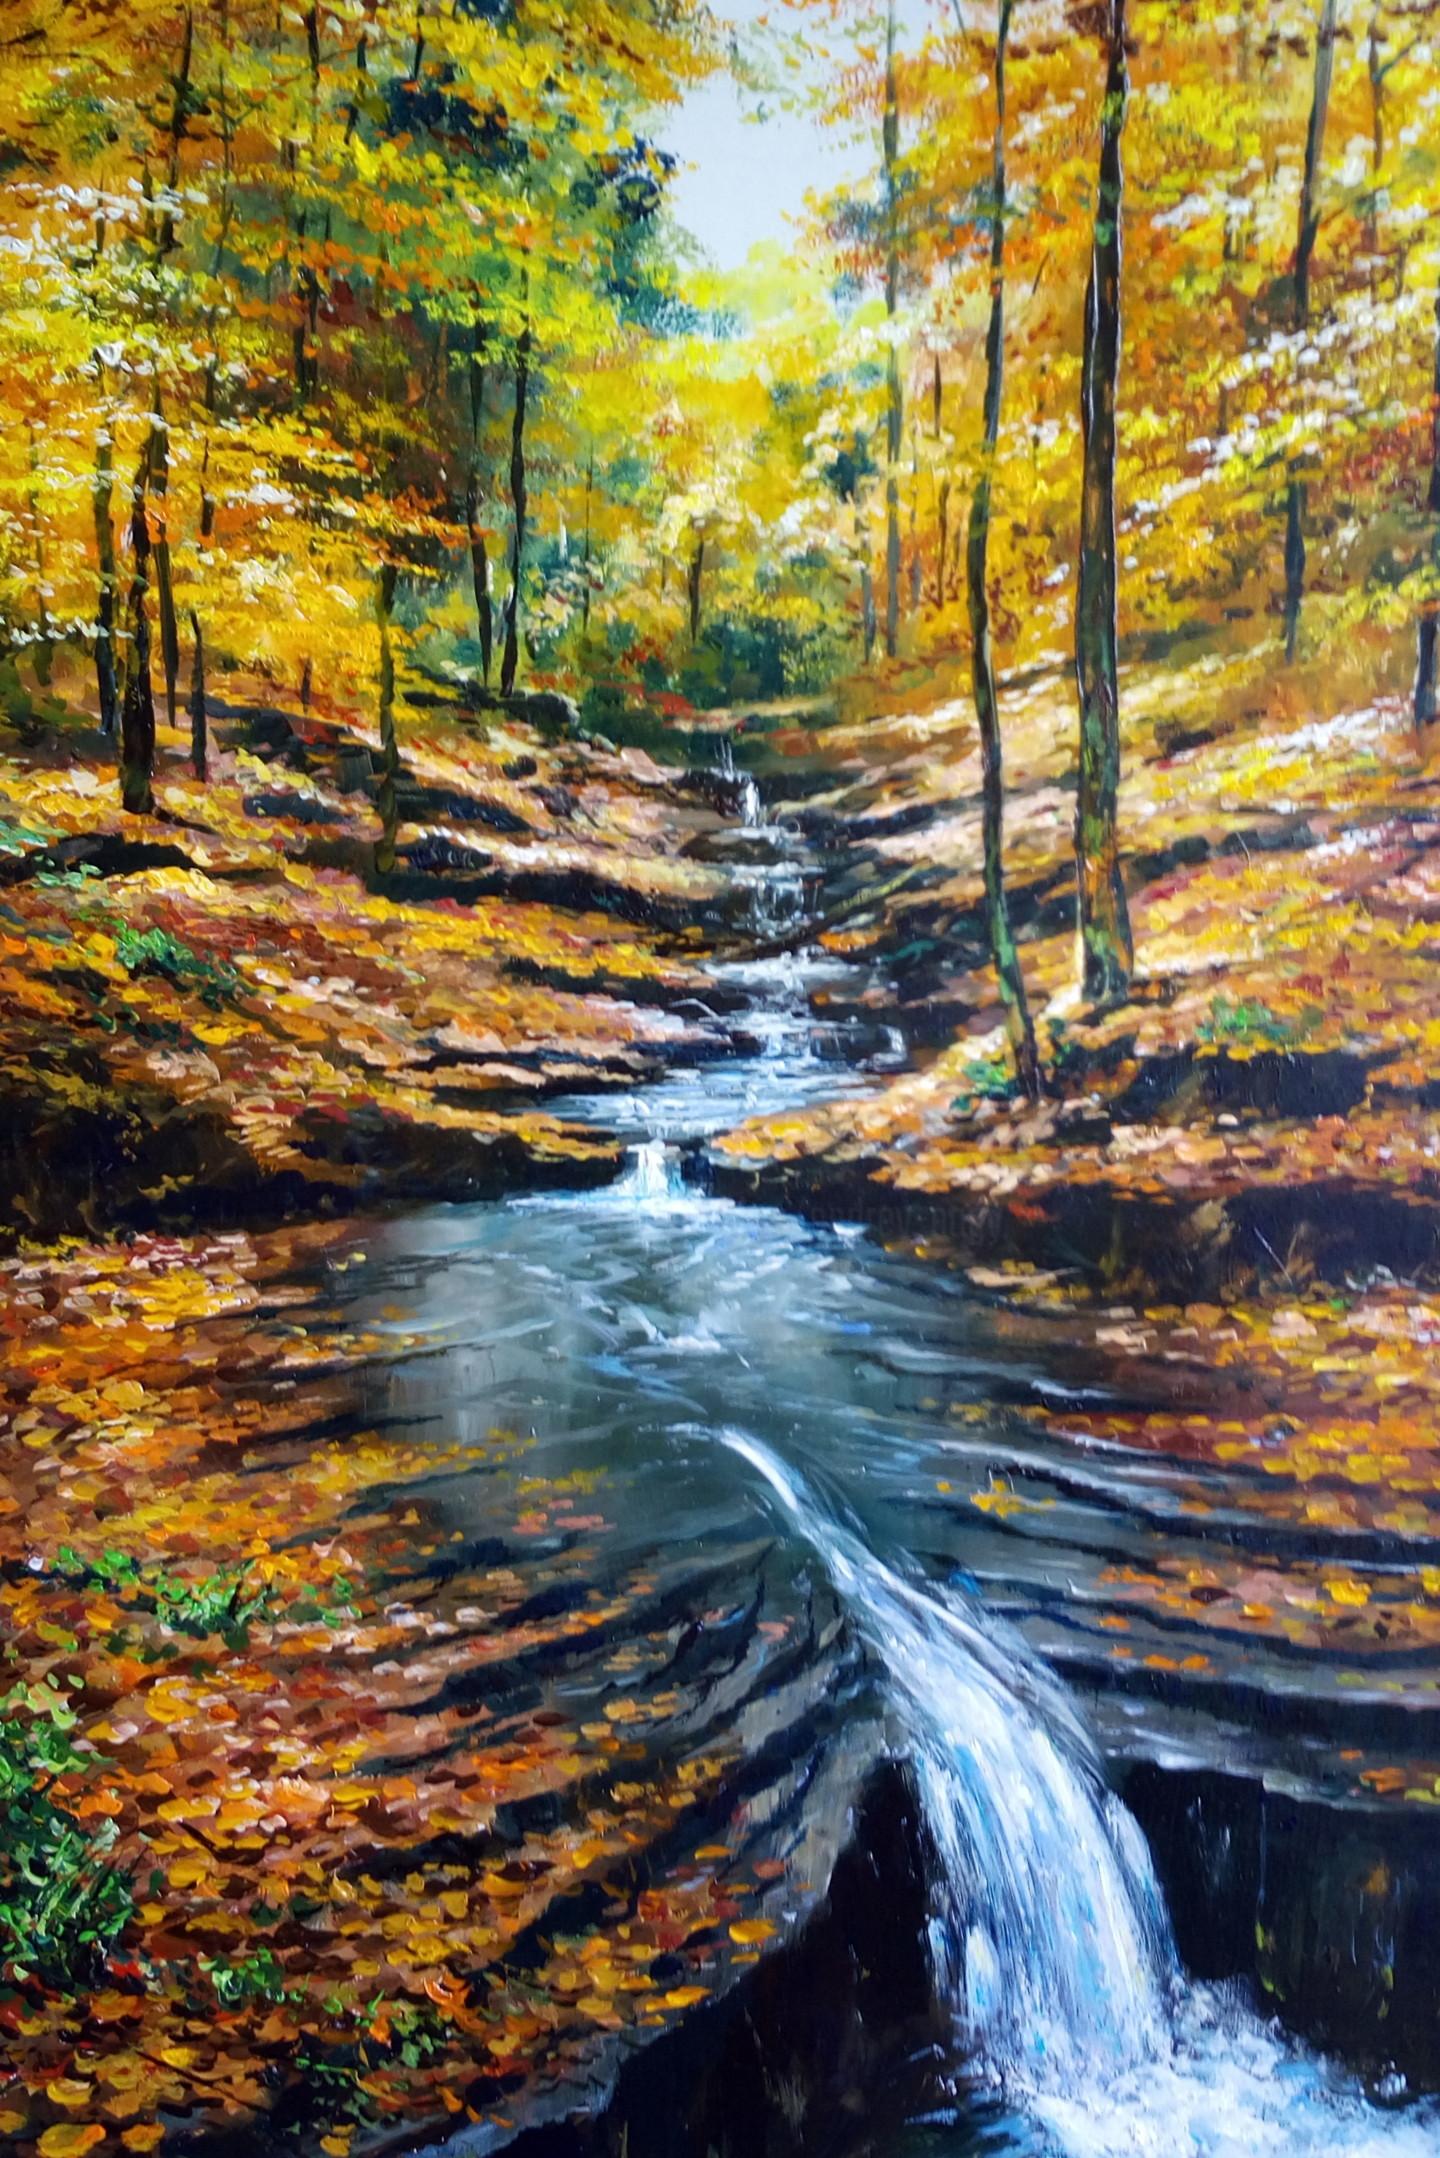 Attila Endrey-Nagy - Quiet autumn day /Une journée d'automne tranquille